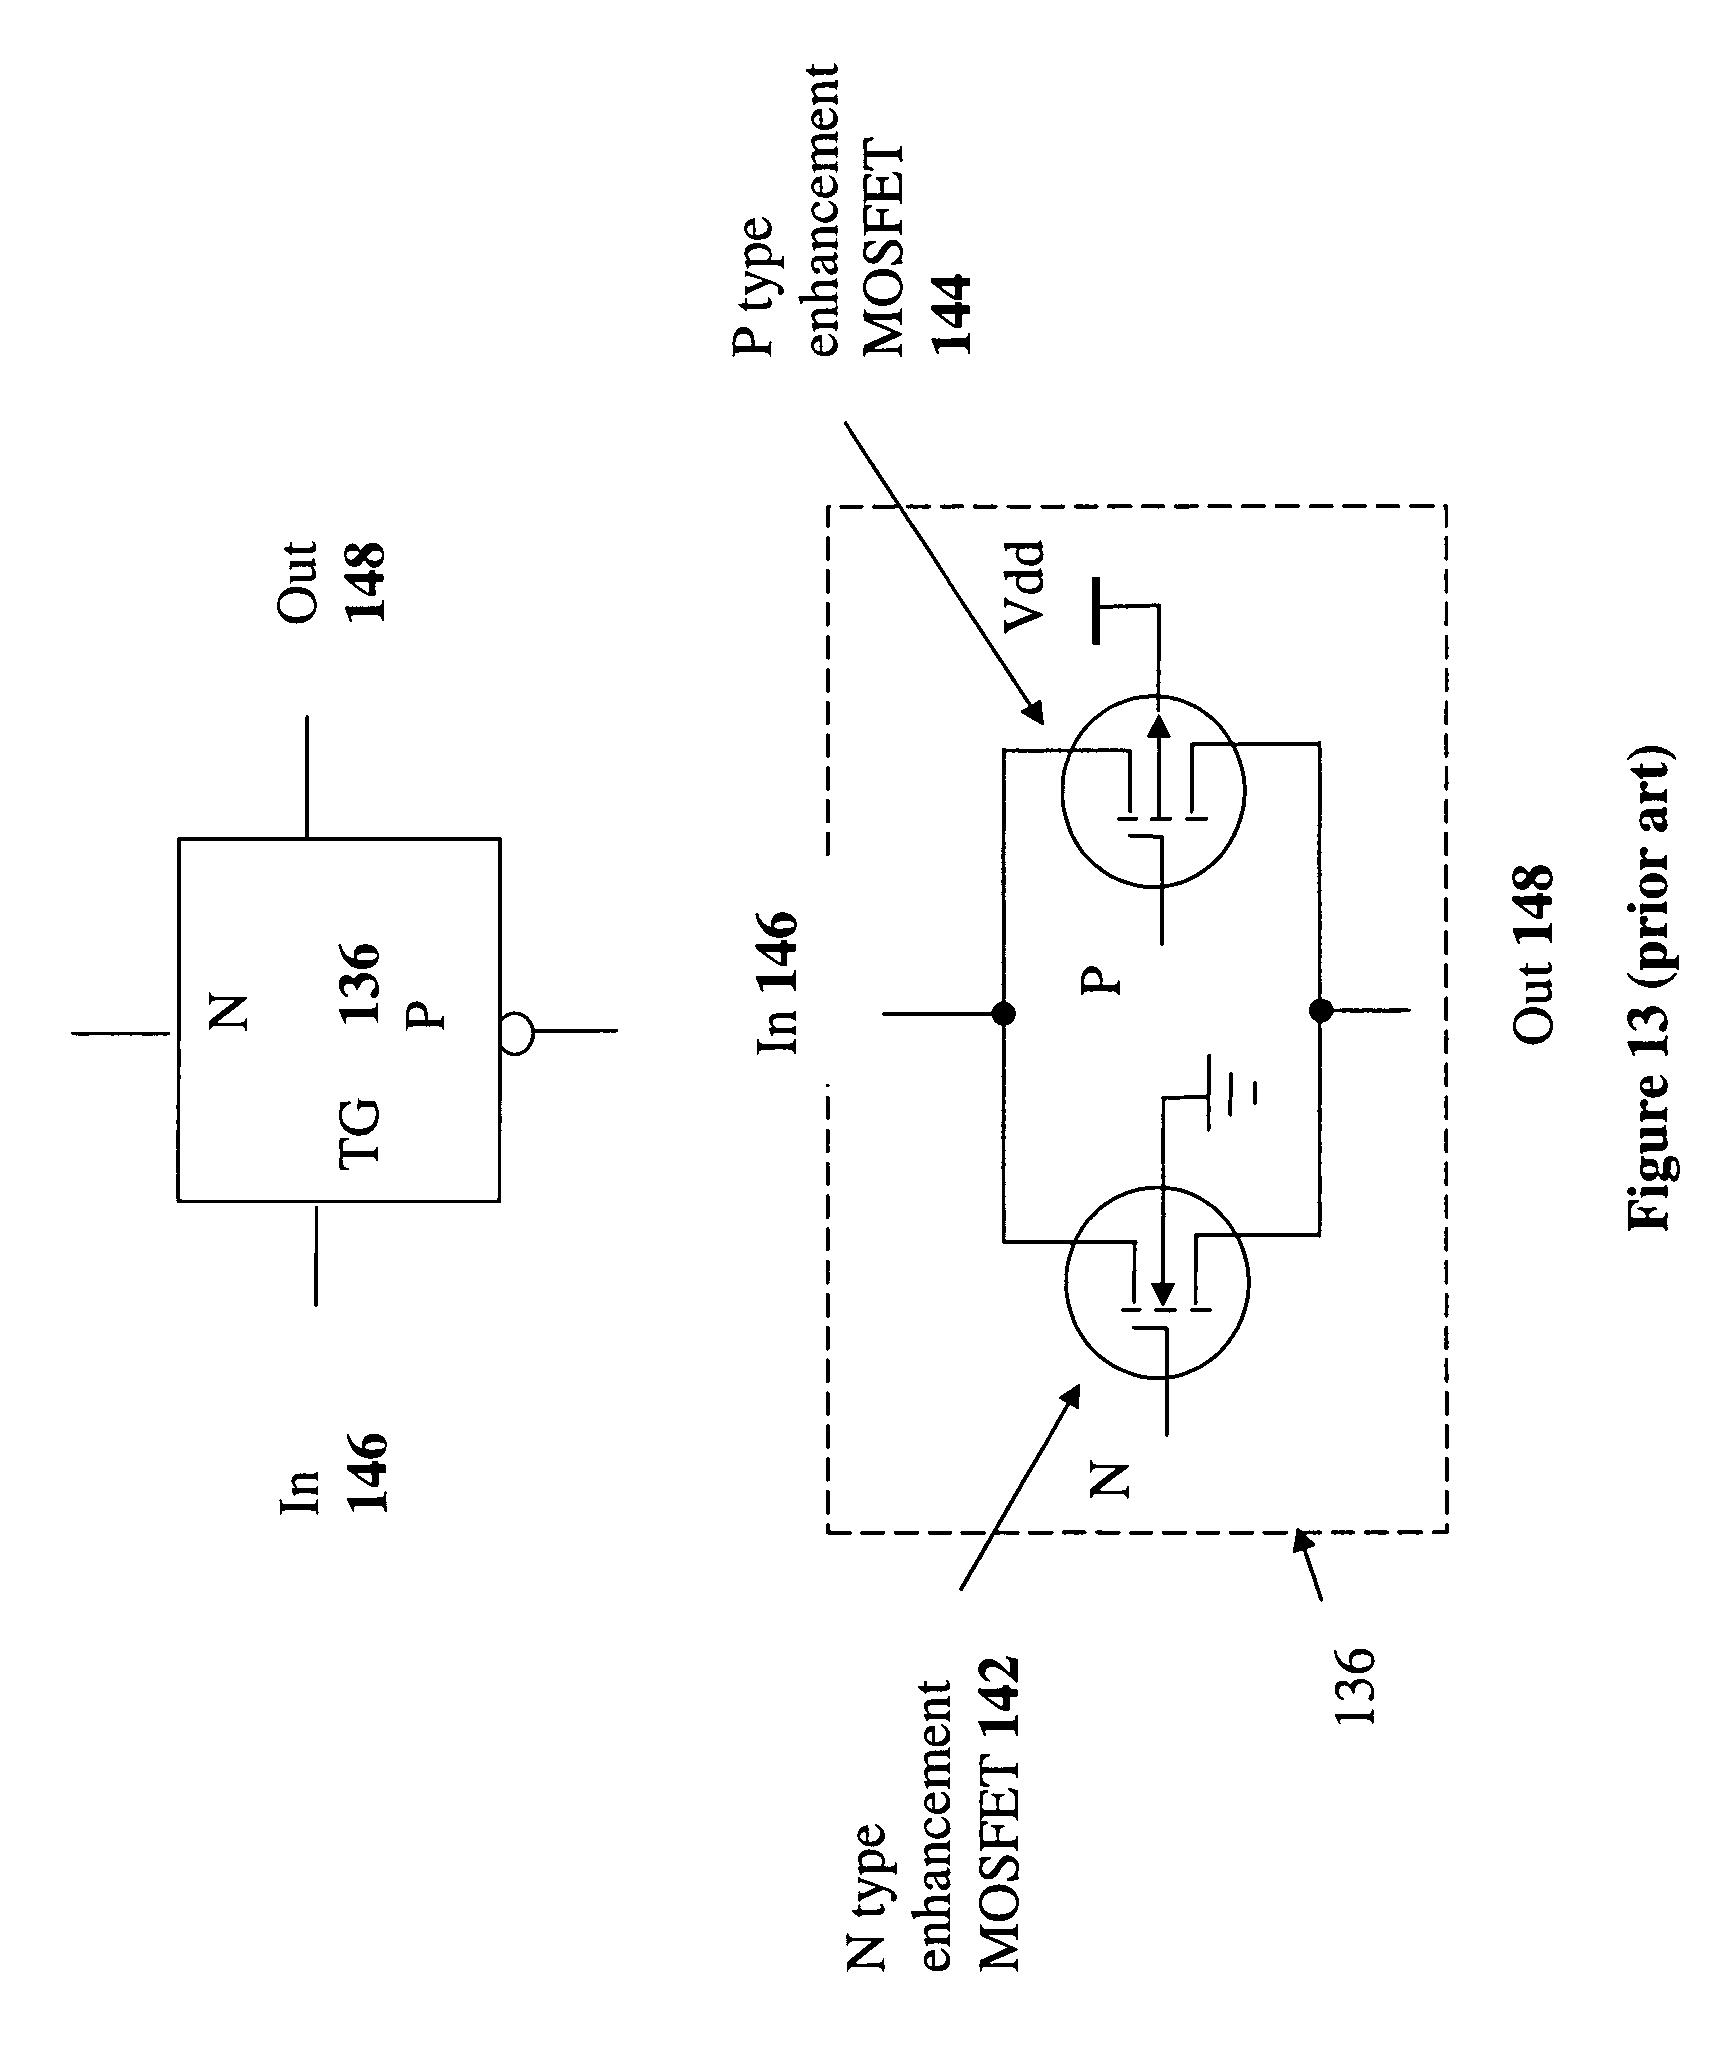 patent us7817459